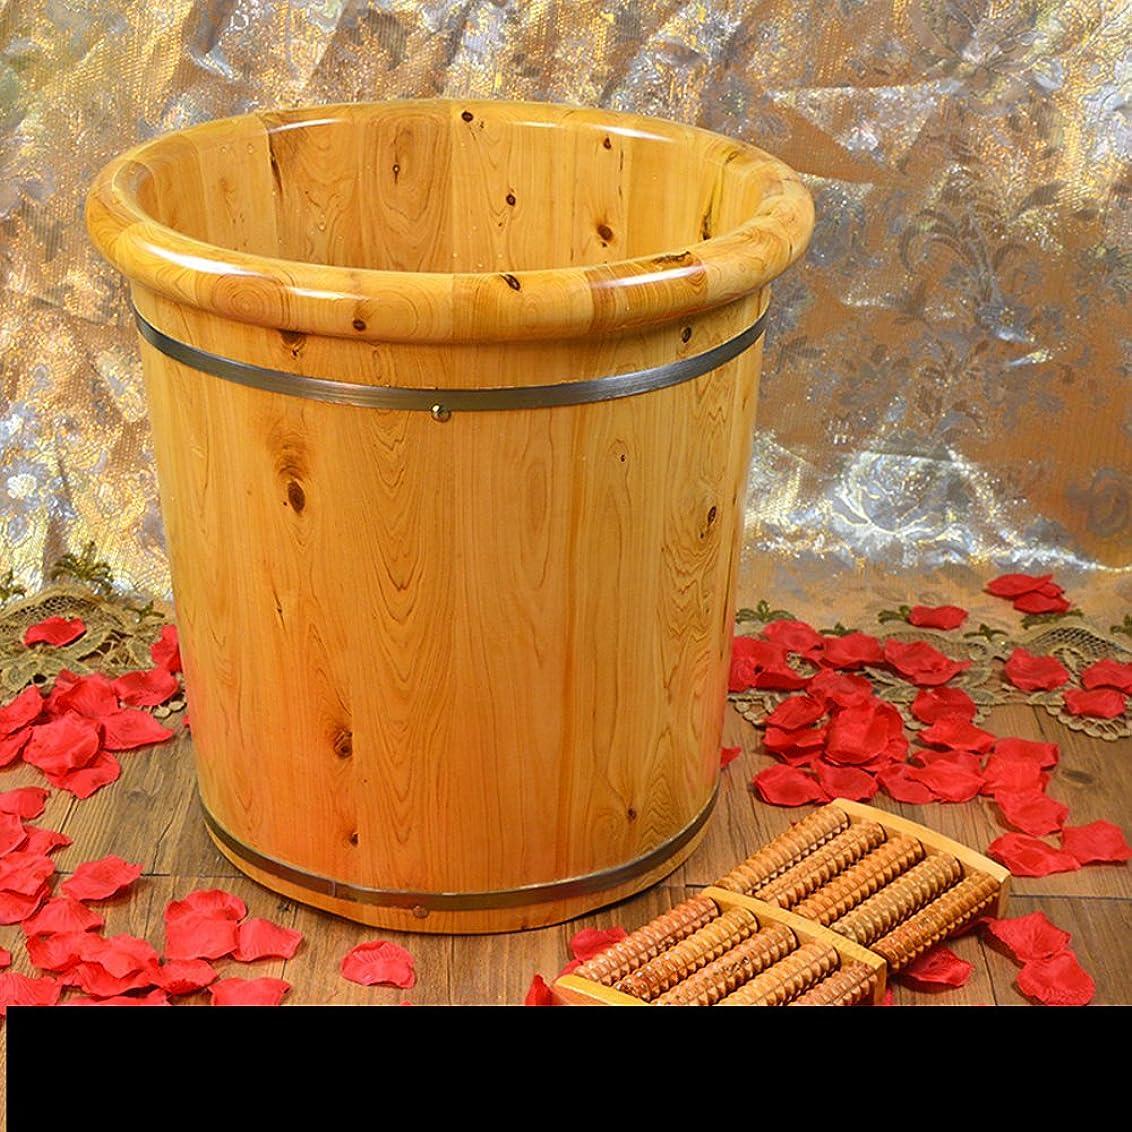 させる帰するステージ足浴桶 足の浴槽、木製の足の盆地足のバレルの足の足のマッサージの足の盆カバーの足の桶